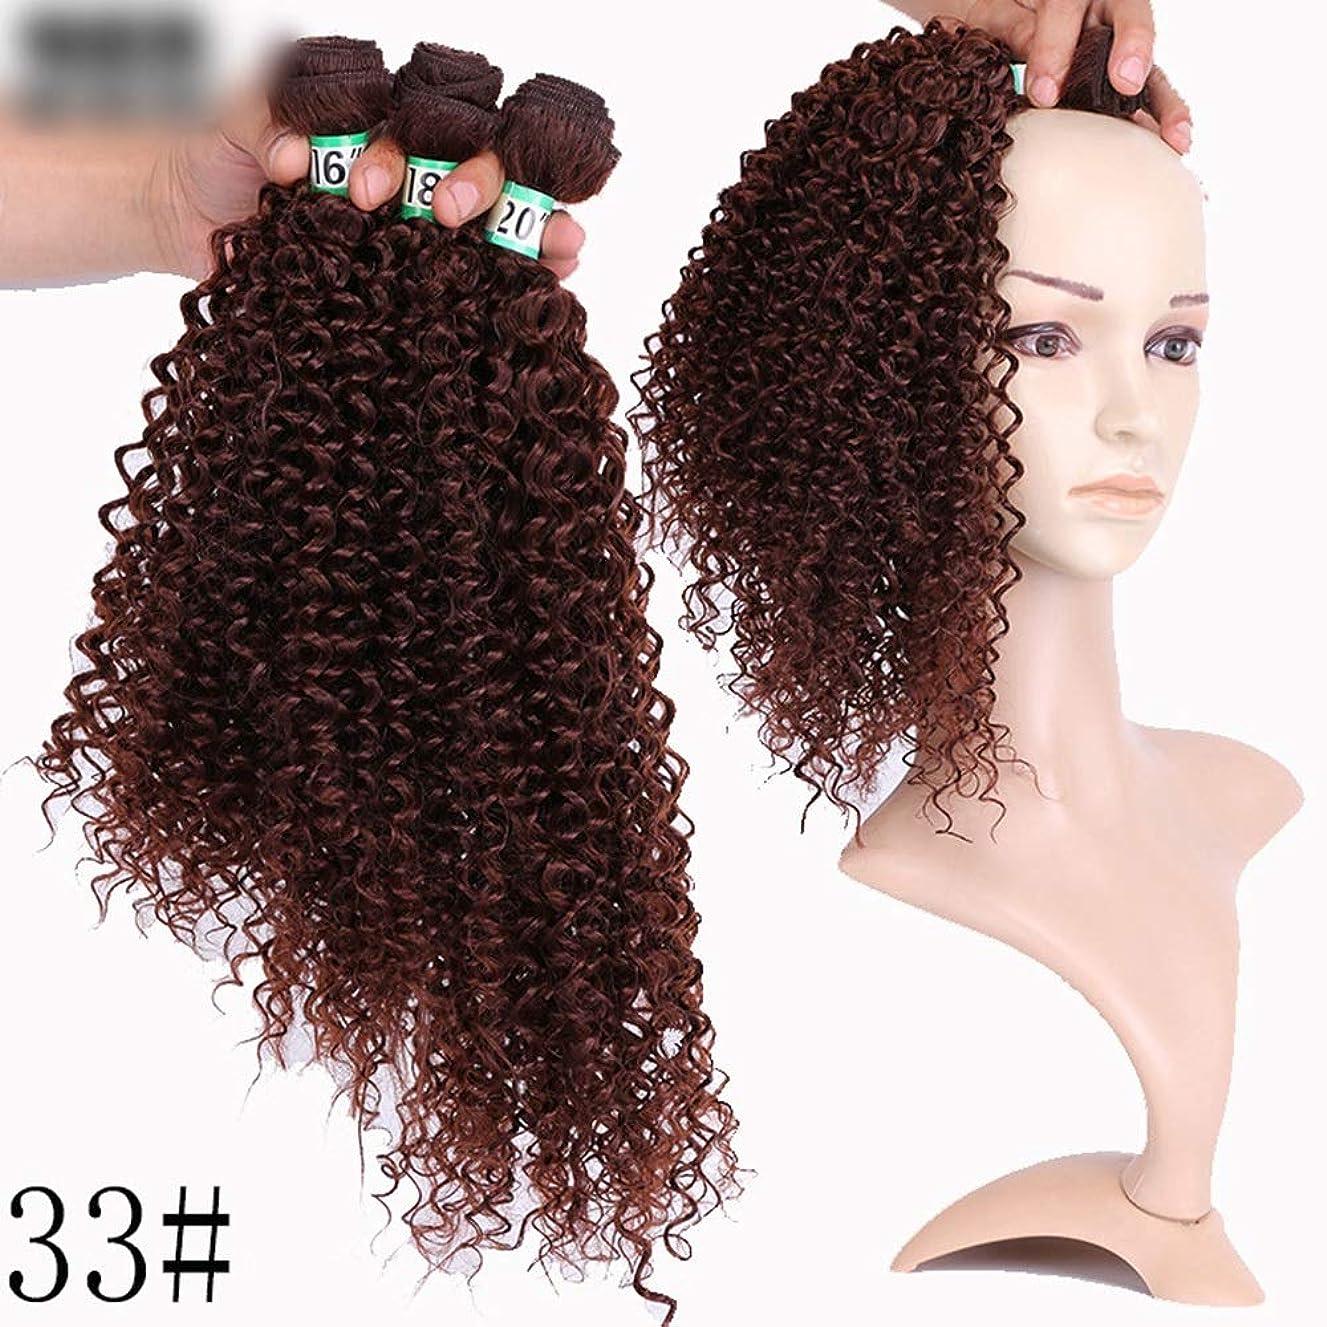 クレタ滑りやすい操るYrattary 変態巻き毛の織り方3バンドル - 33#ダークブラウンヘアエクステンション70g /個(16 '' 18 '' 20 '')合成髪レースかつらロールプレイングウィッグロング&ショート女性自然 (色 : Dark Brown, サイズ : 18